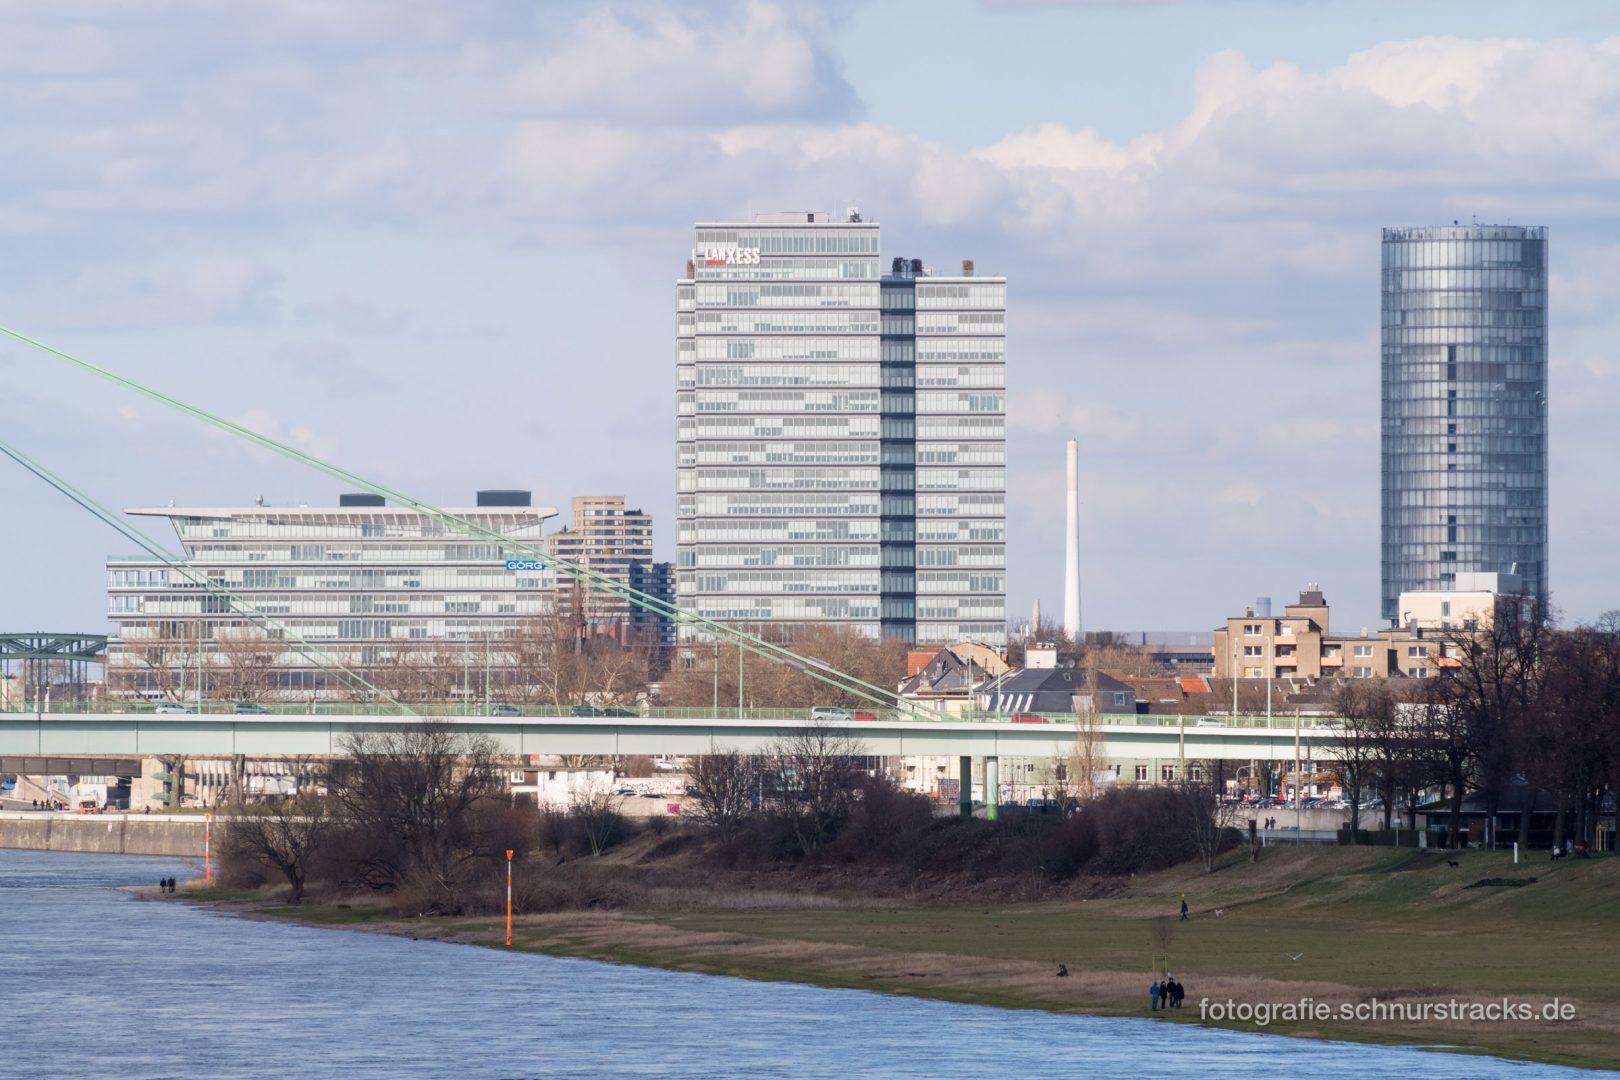 Görg Rheinetagen, Lanxess Tower und Kölntriangle #1003